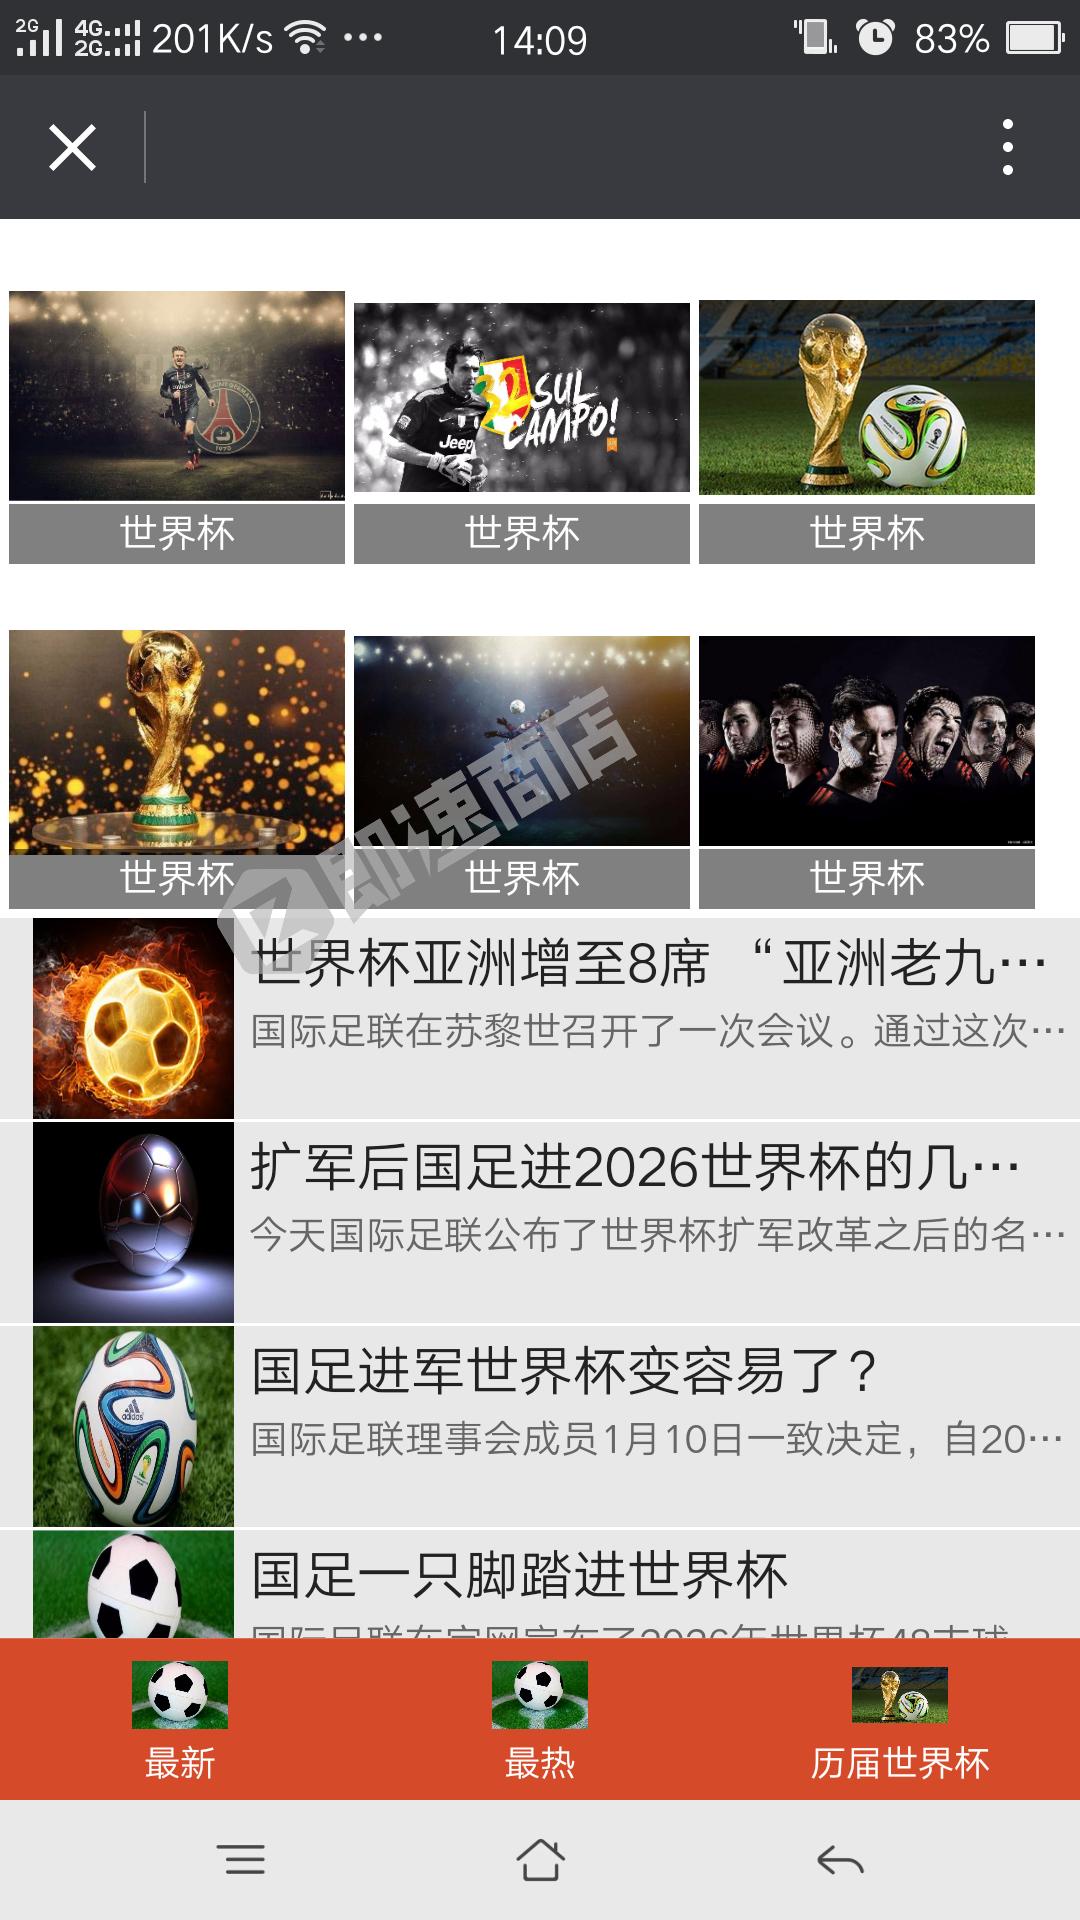 世界杯足球时事小程序首页截图